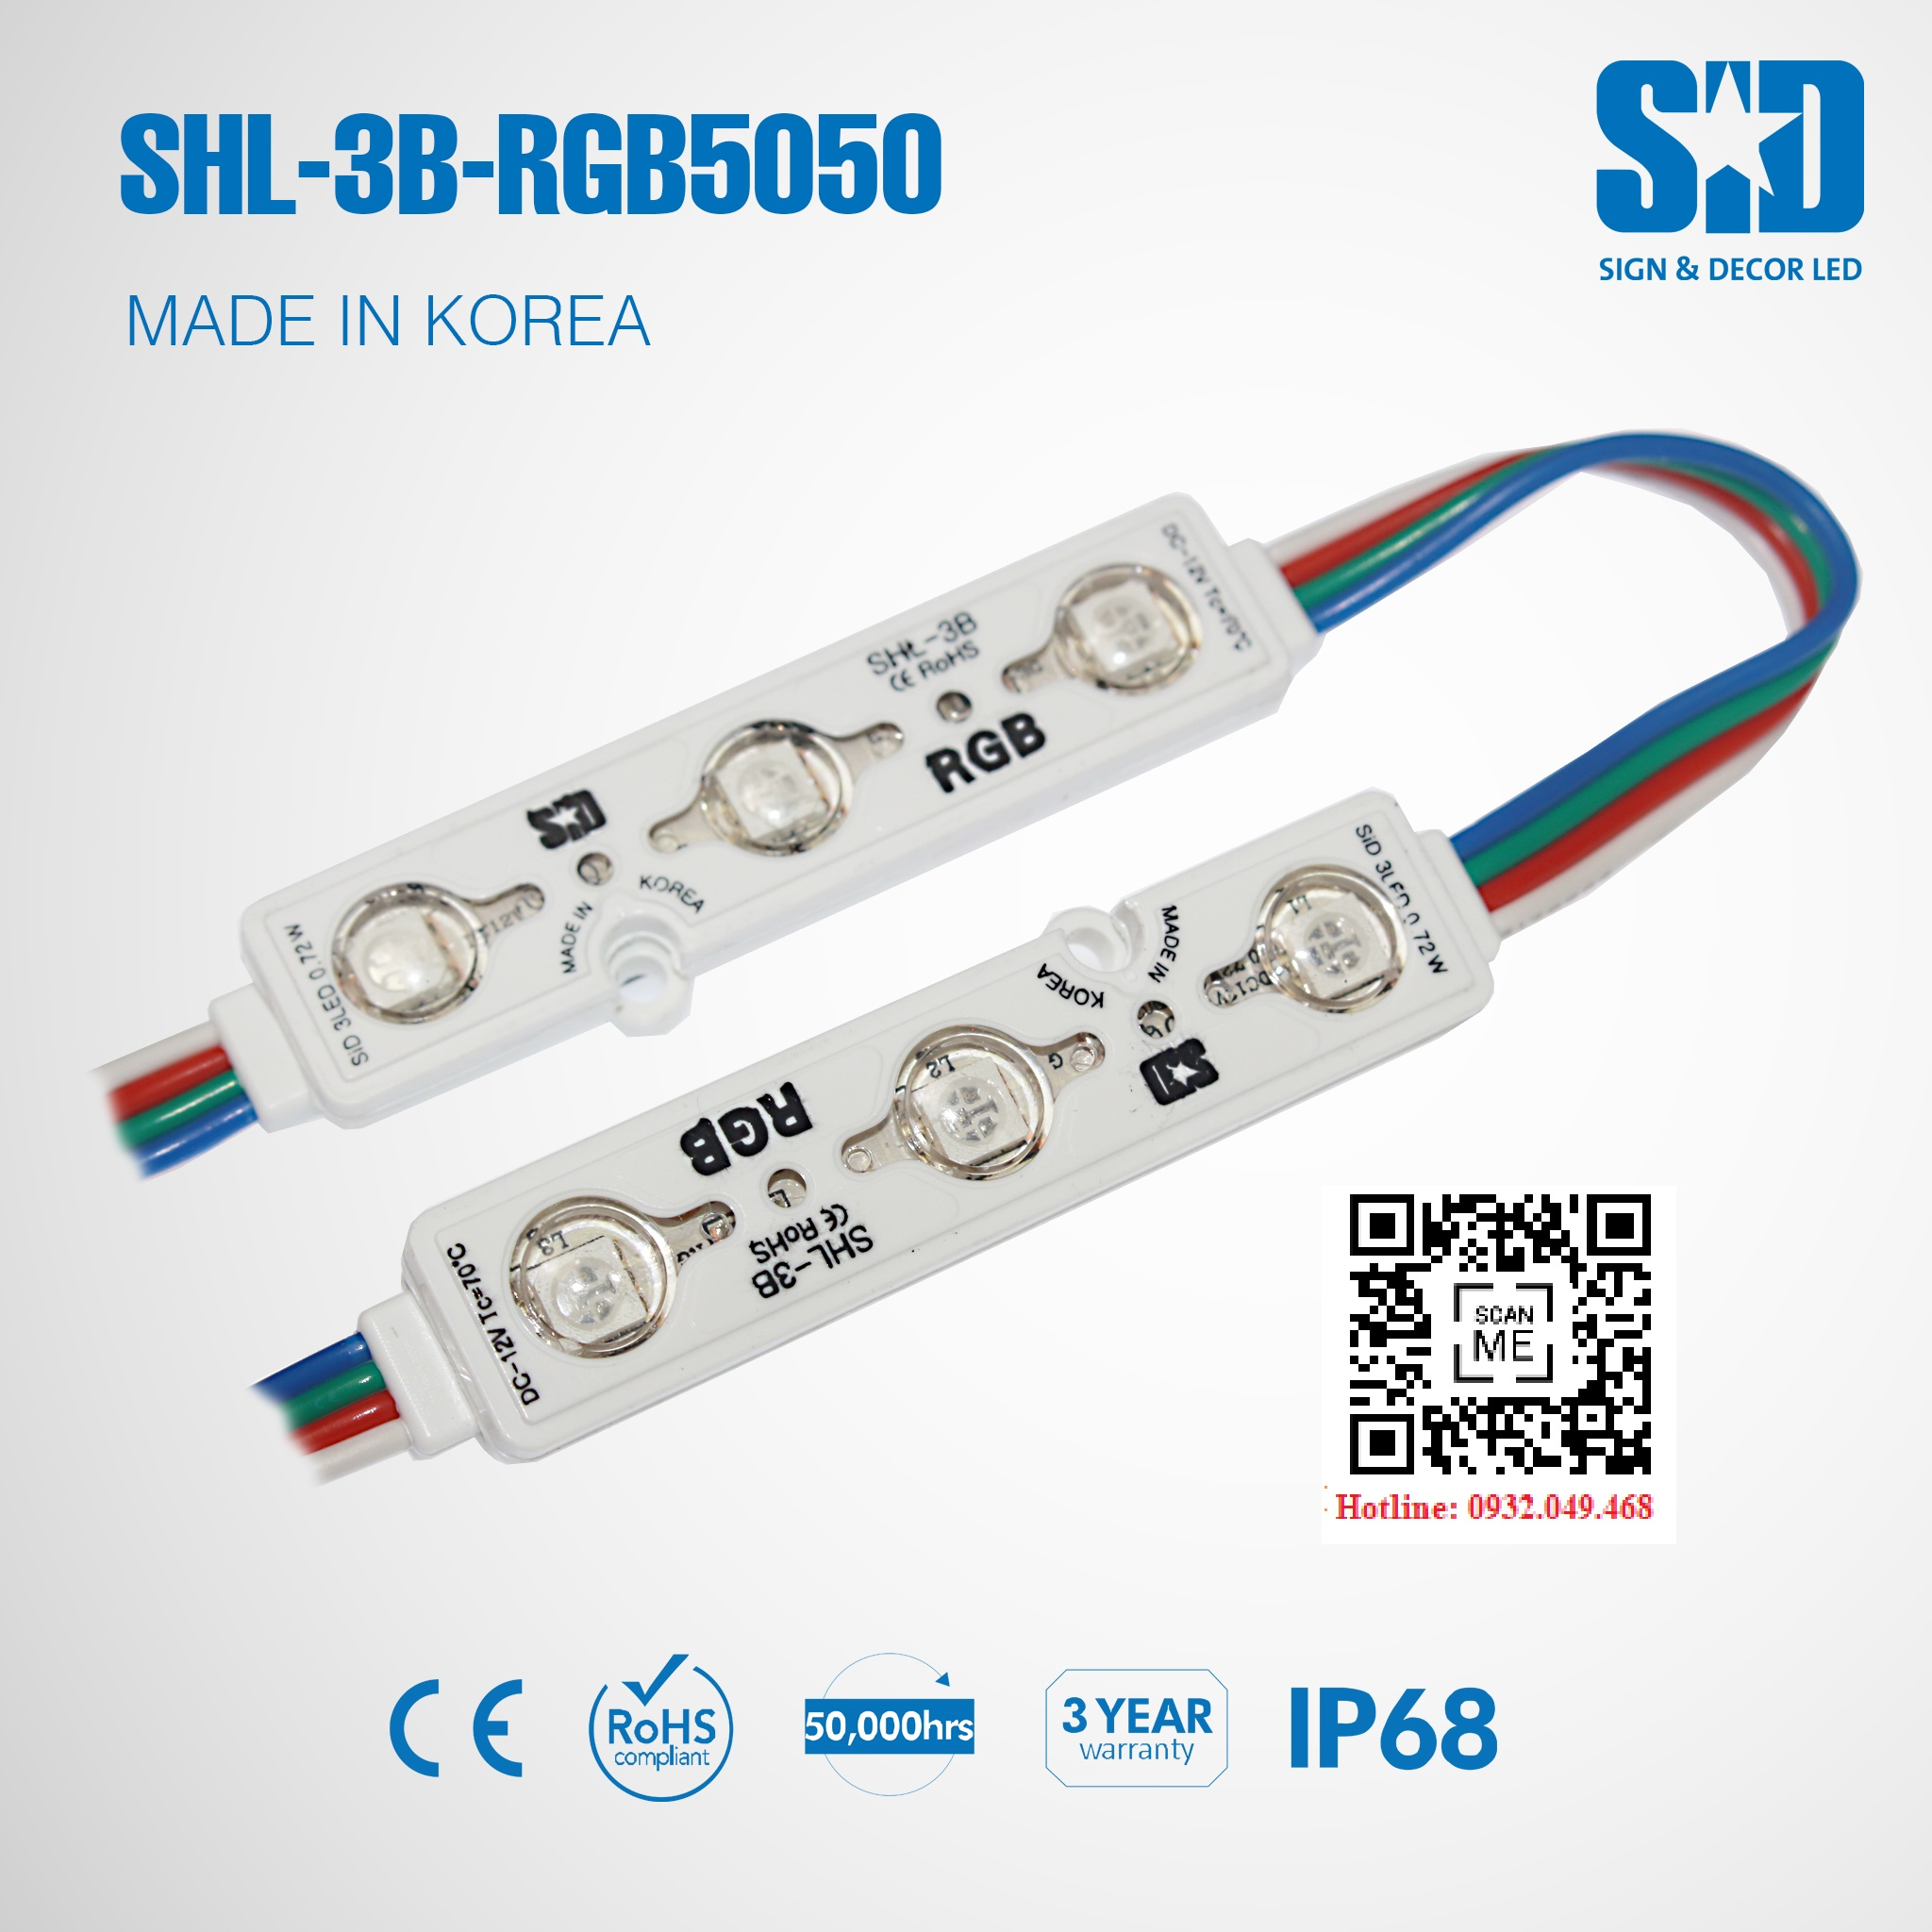 ĐÈN LED MODULE 3 BÓNG RGB HIỆU SID   Mã: SHL-3B-RGB5050